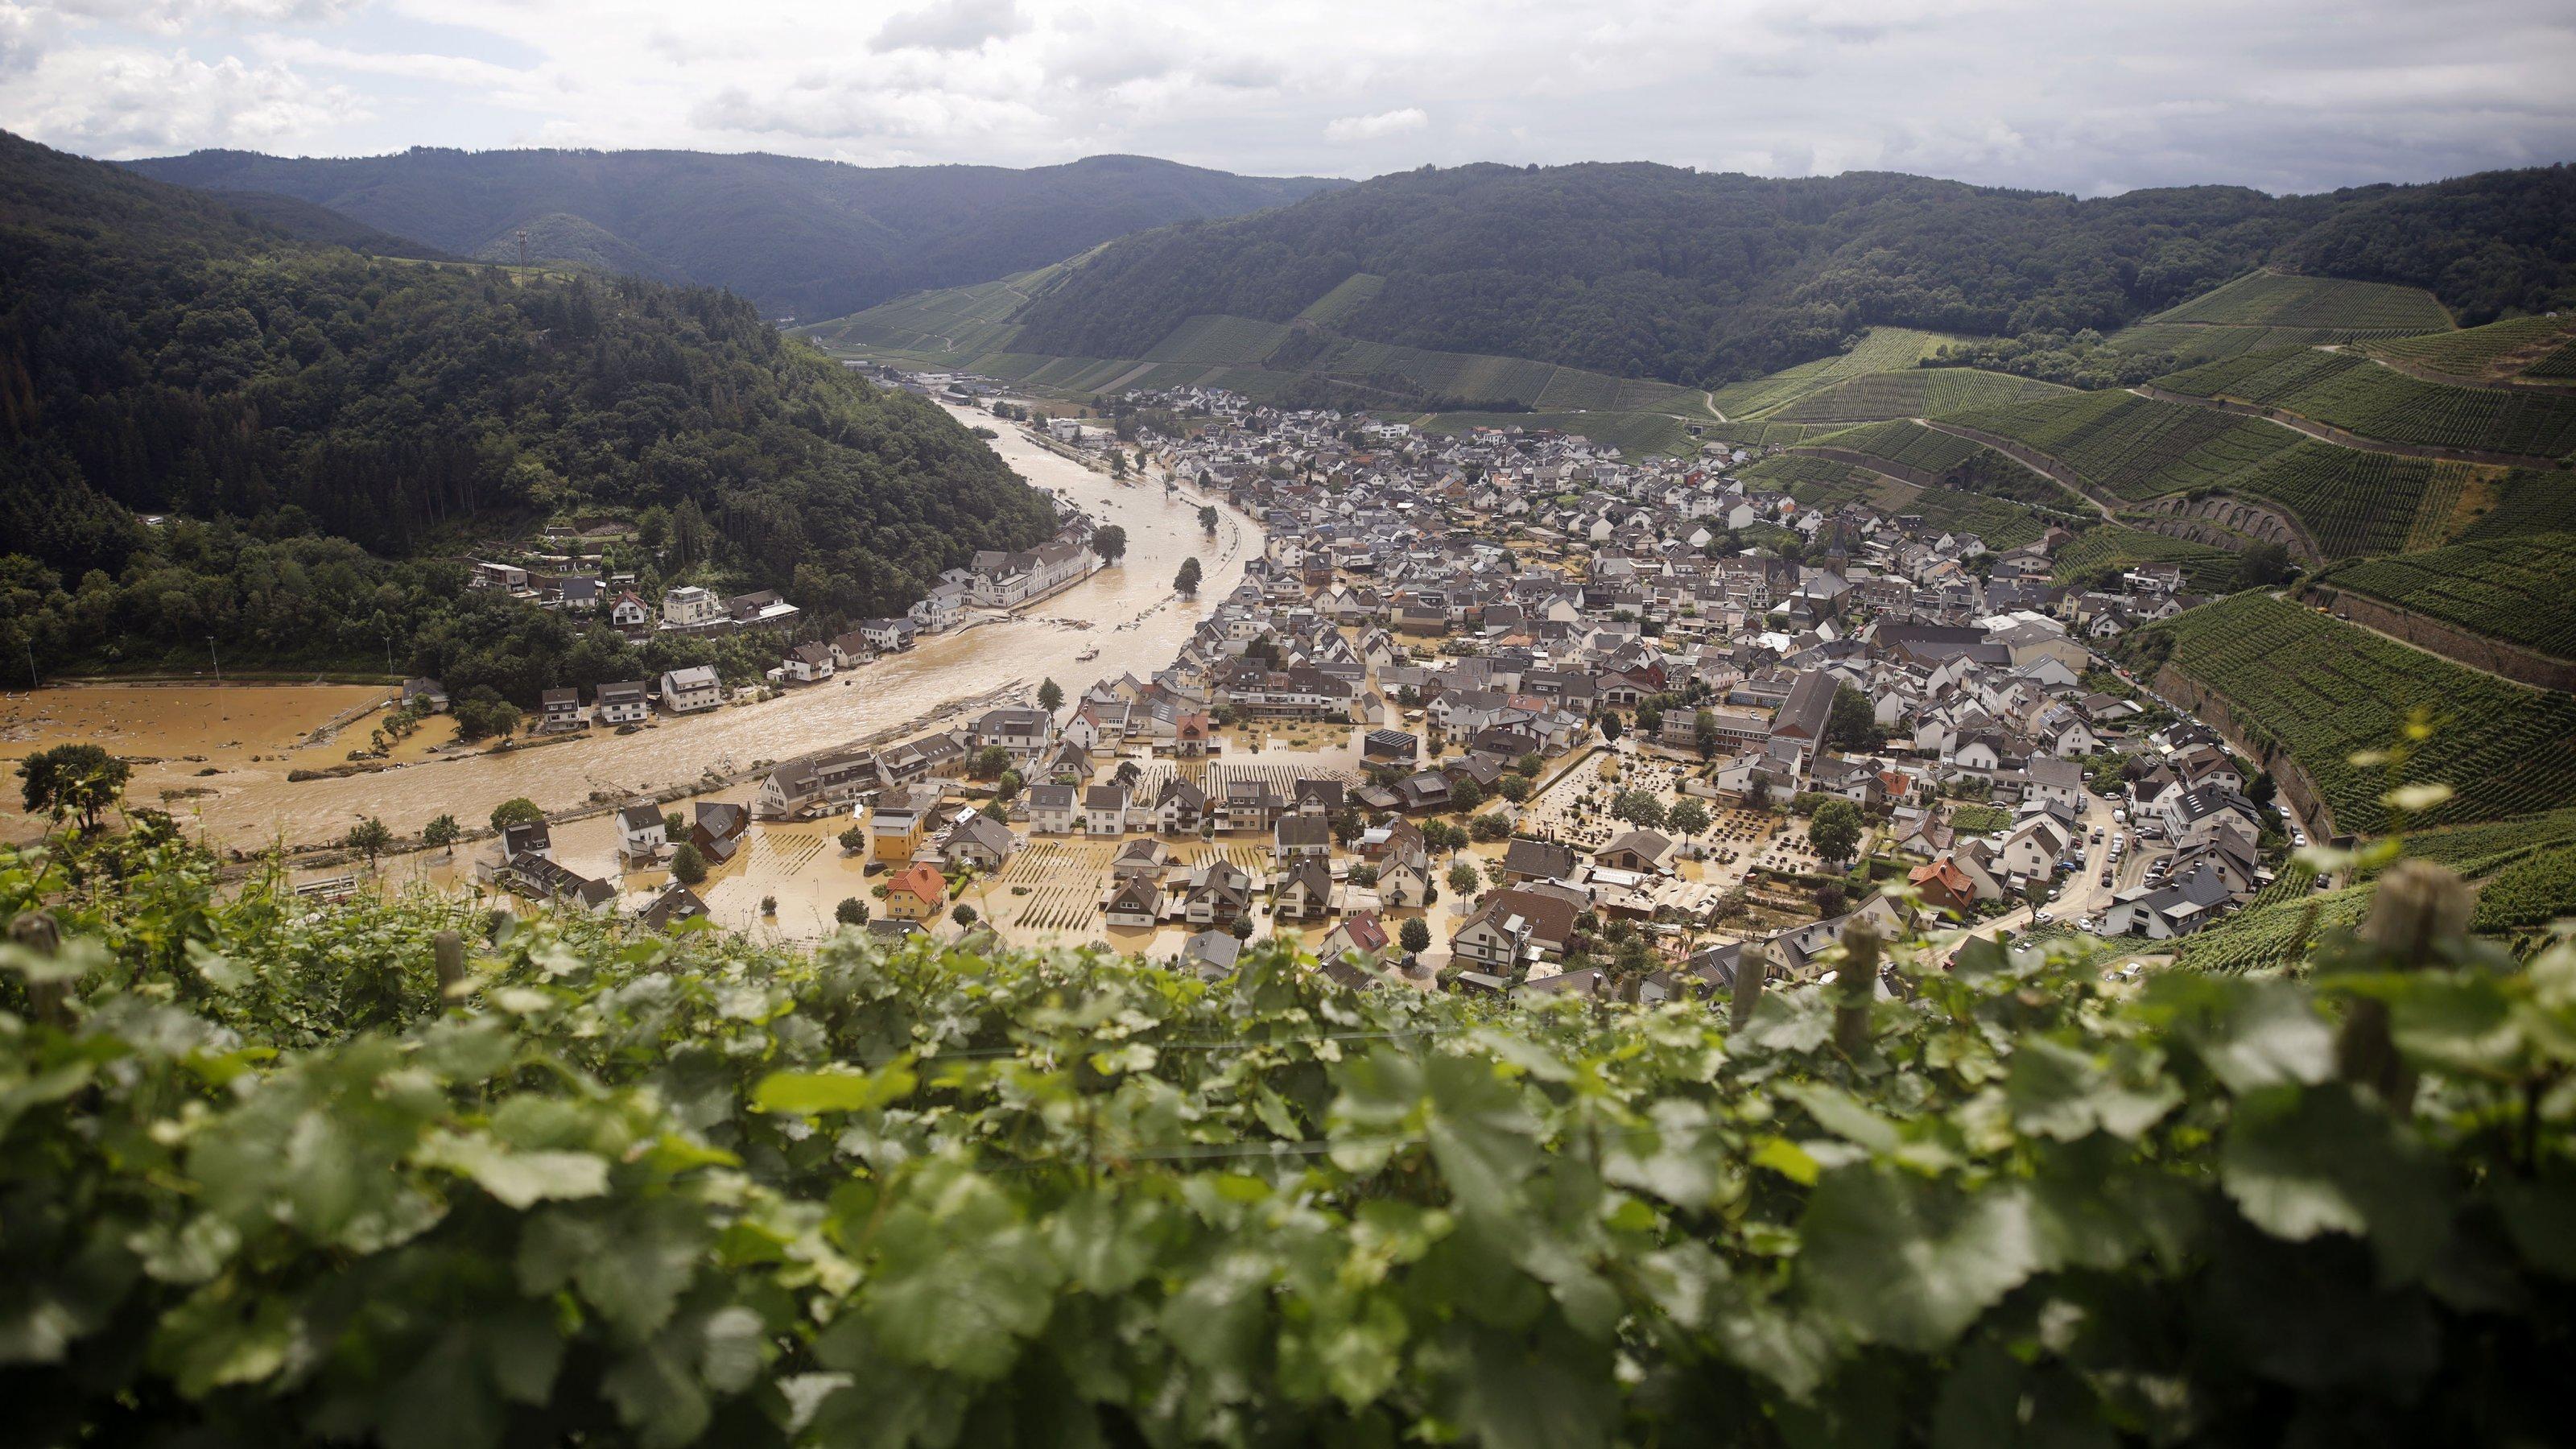 Im Vordergrund Weinreben, dahinter das Ahrtal und die überschwemmte Ortschaft.